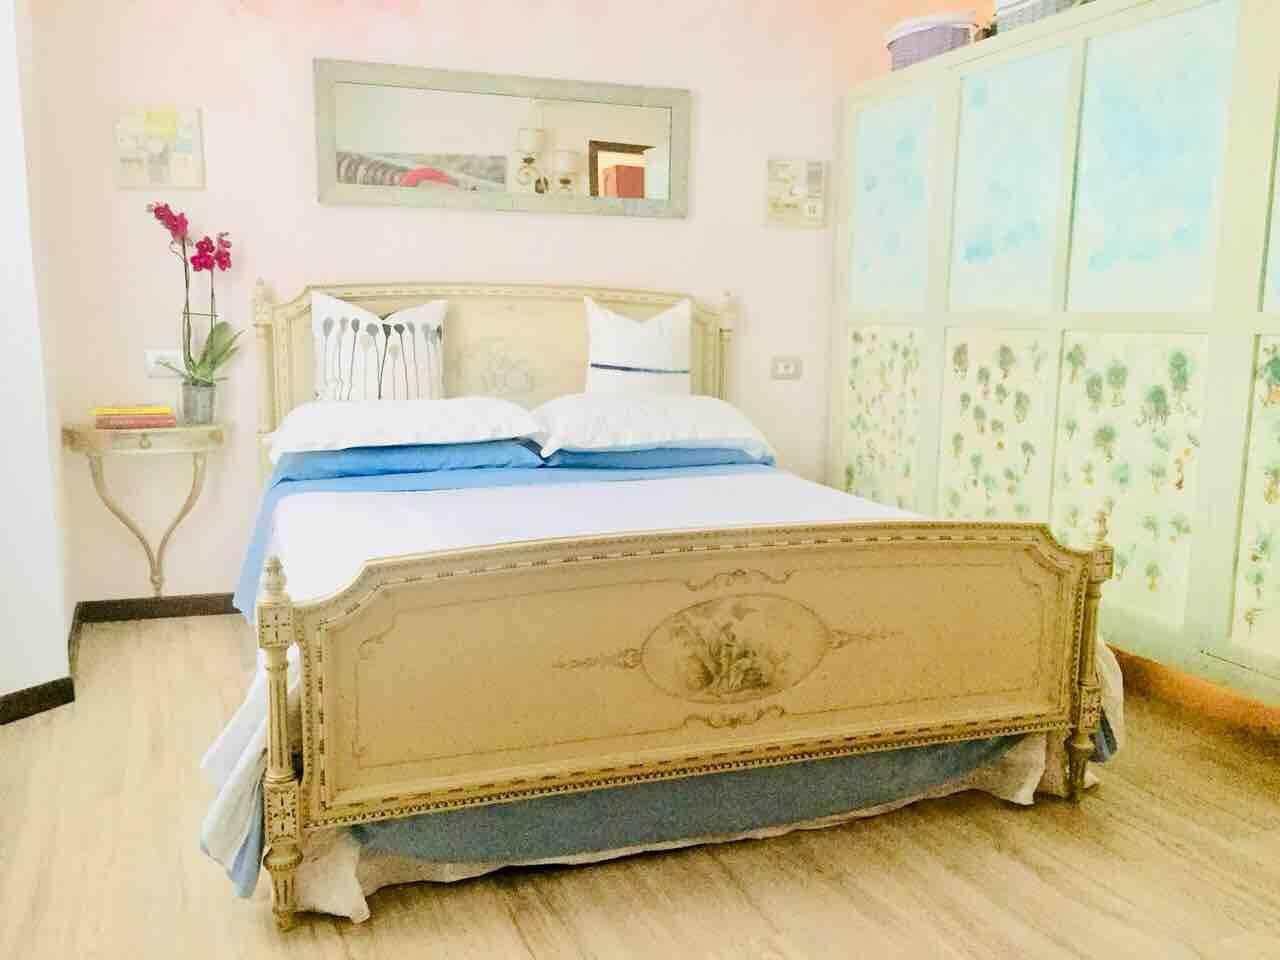 King size bed Gli arredi d'epoca danno un tocco di classe agli ambienti e rendono l'atmosfera familiare, ideale per il relax. Daniel, i tuo host